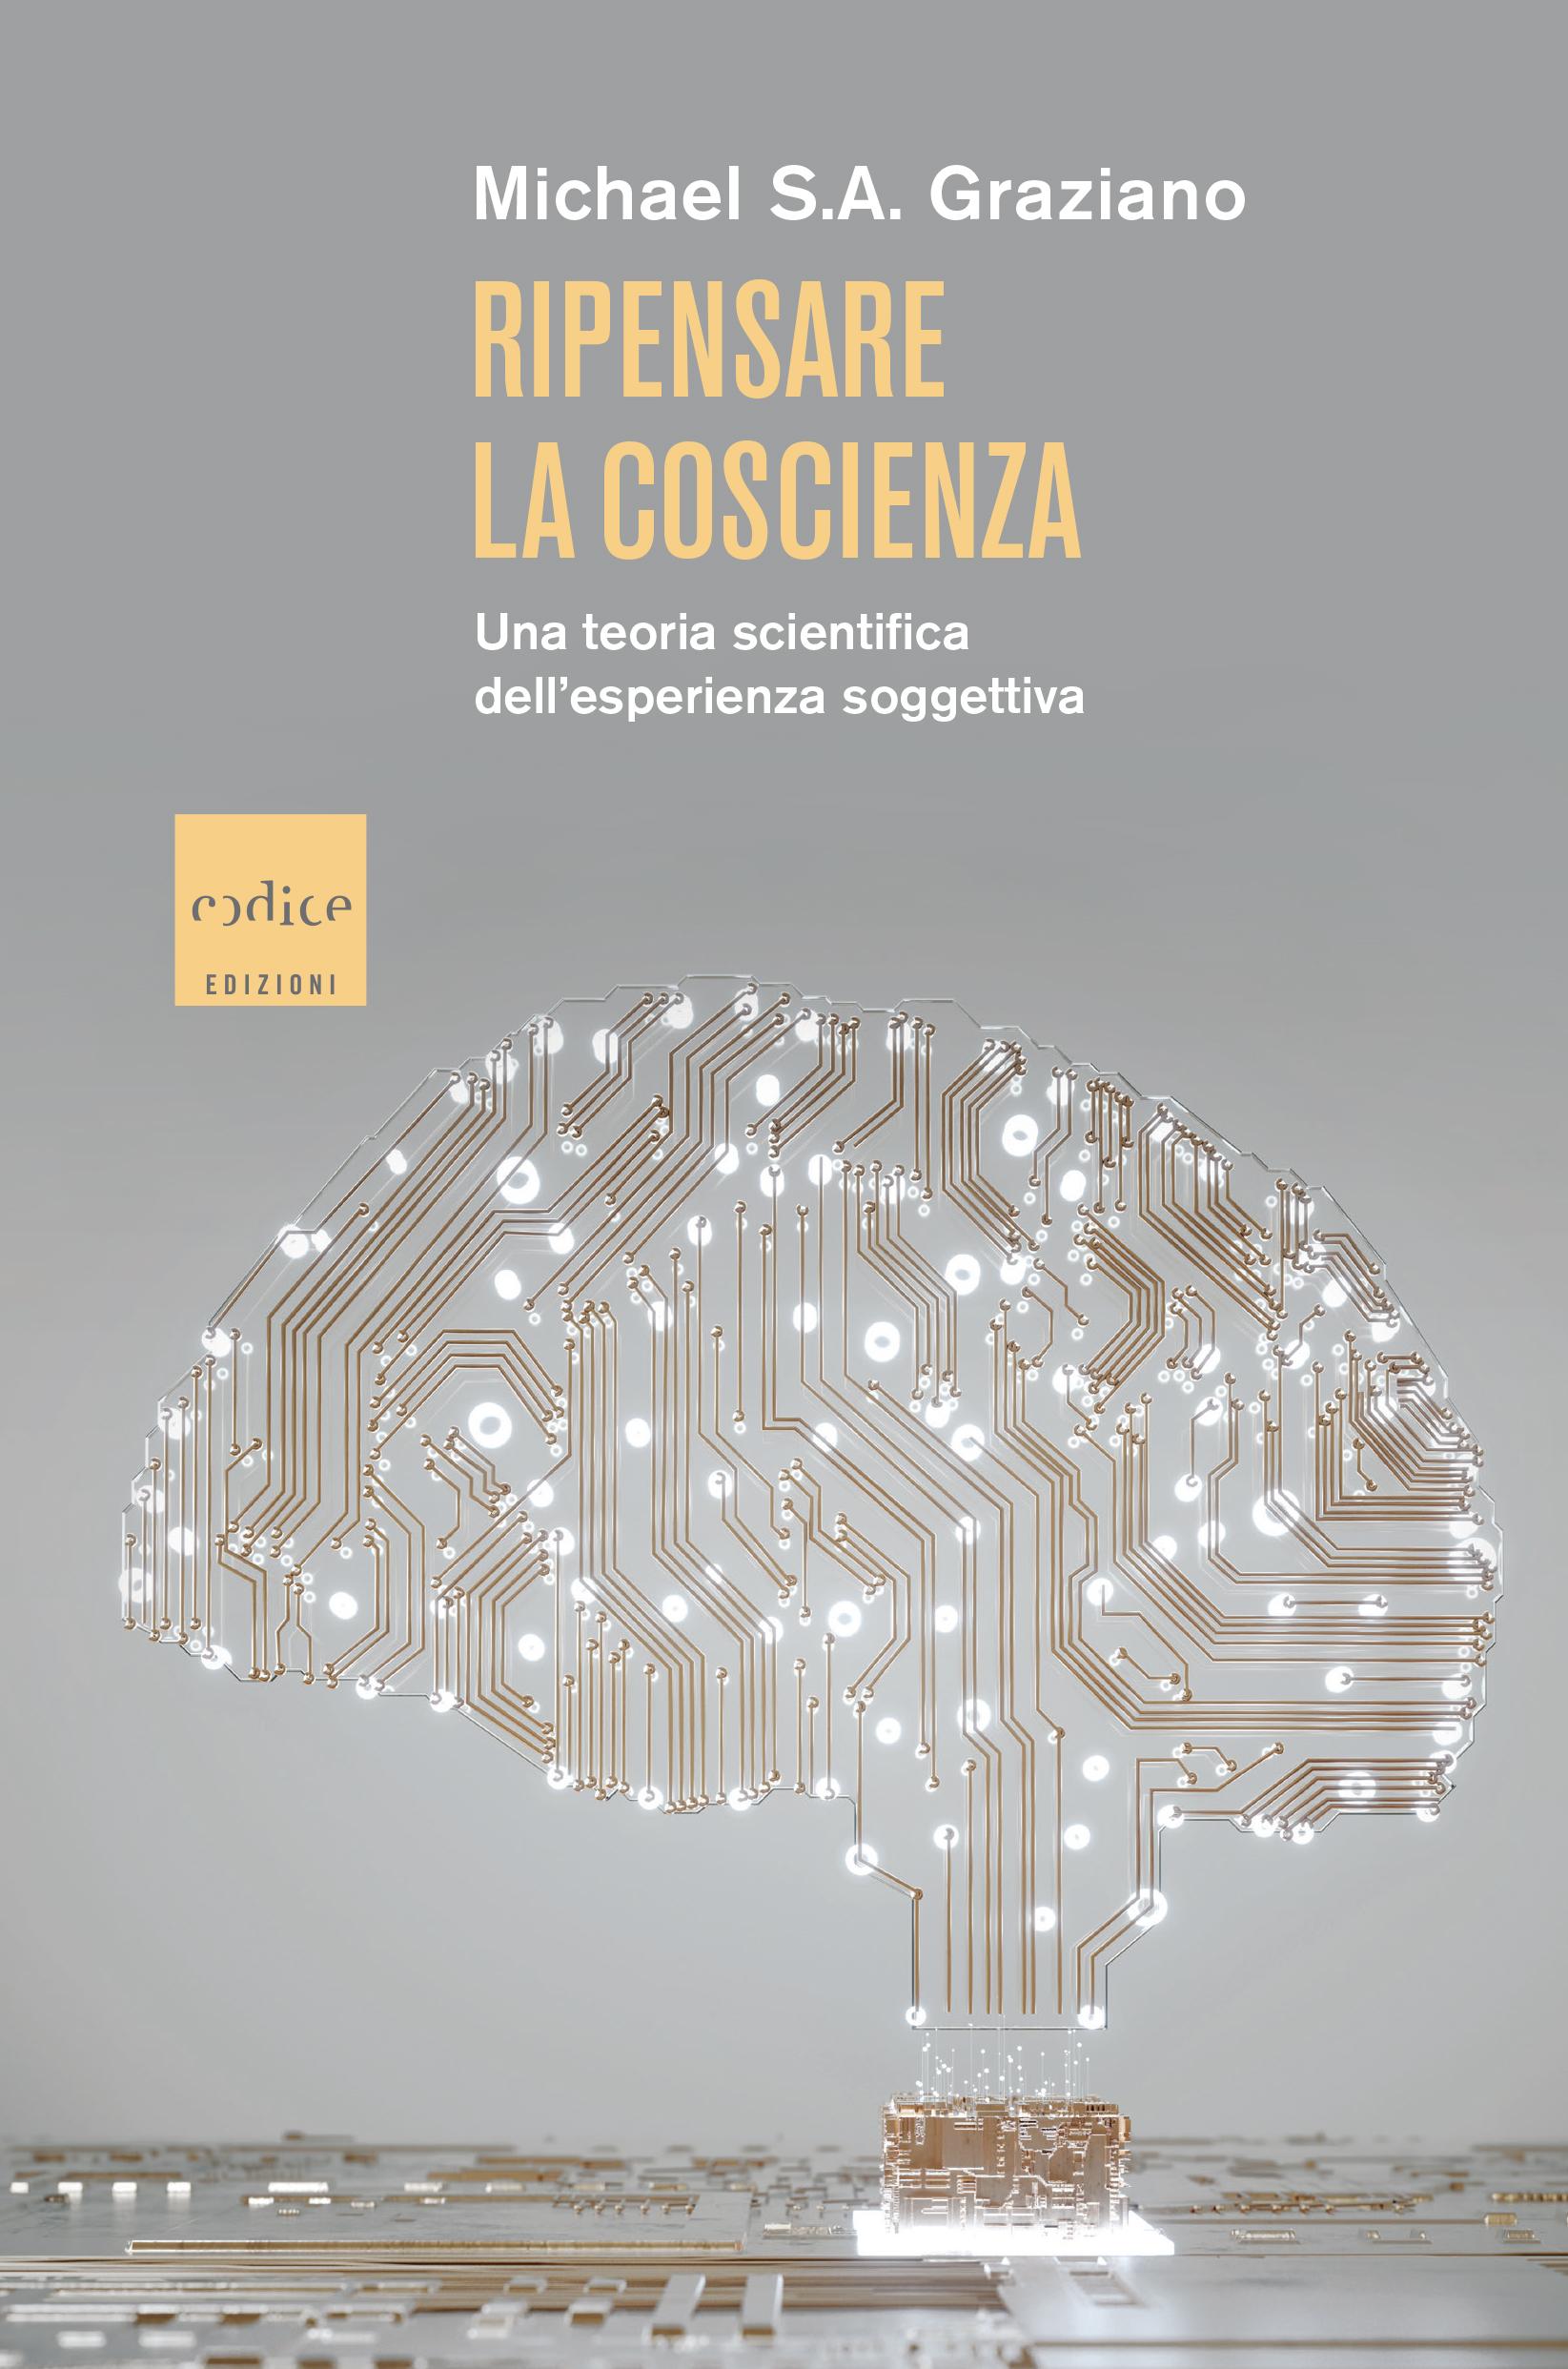 Ripensare la coscienza, Michael Graziano – Codice edizioni